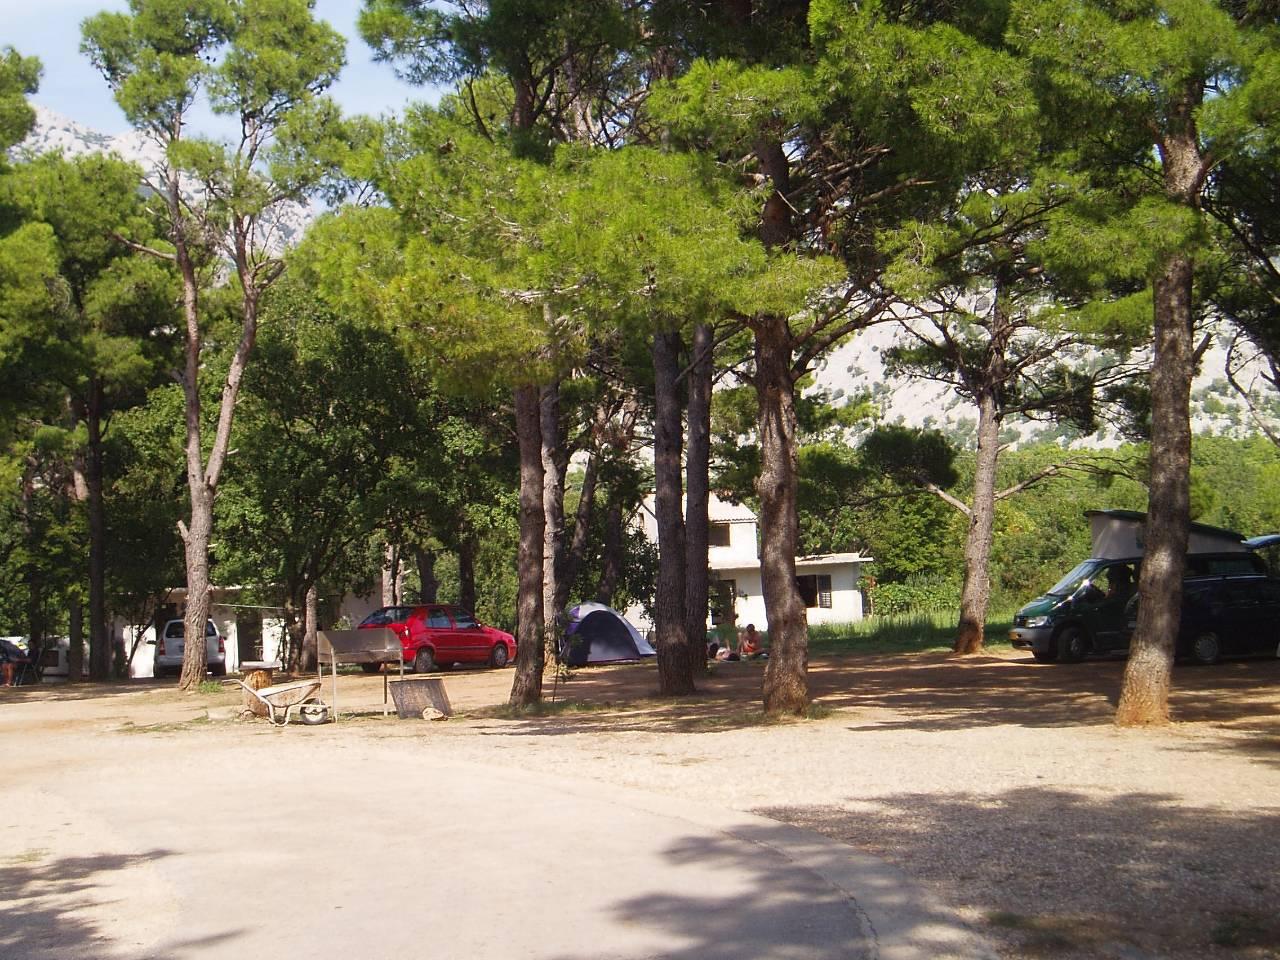 Location: Vila Popo